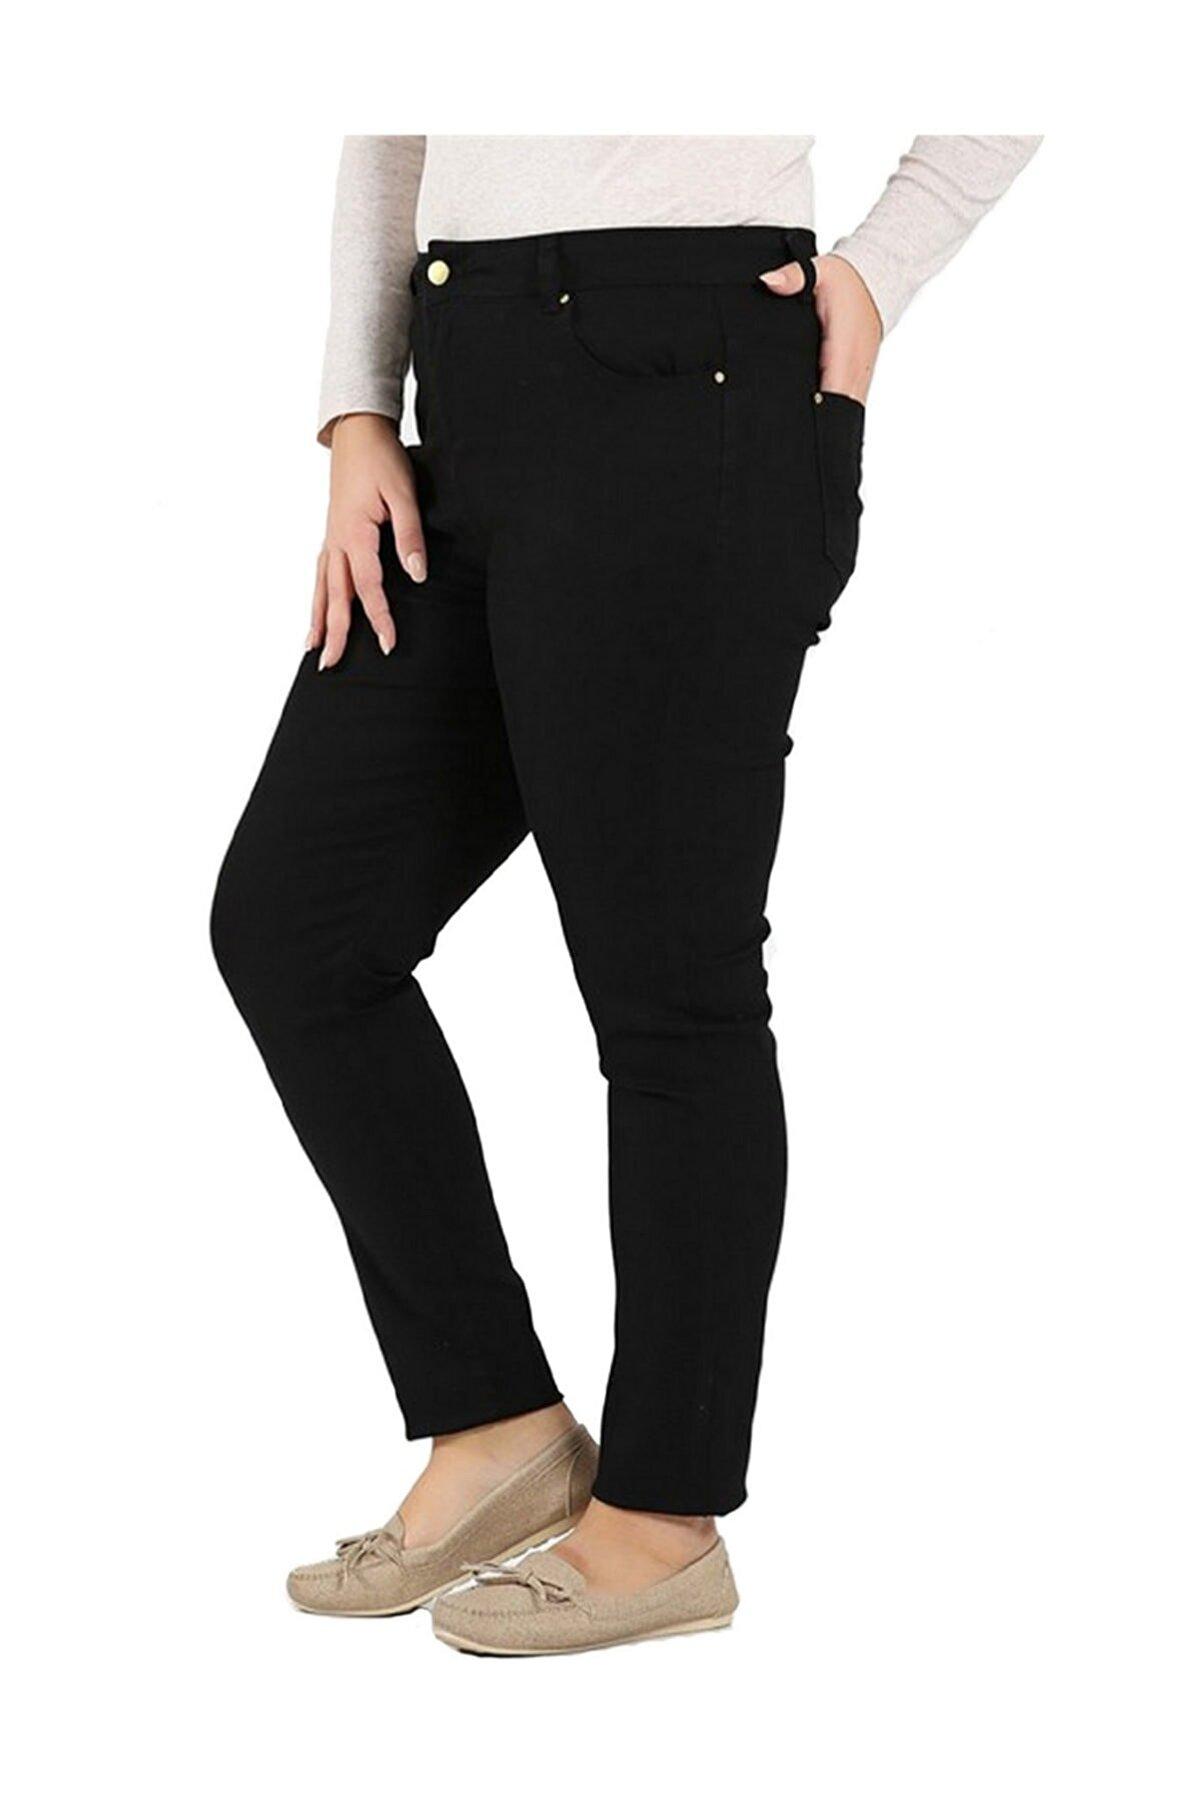 Günay Kadın Siyah Kanvas Yüksek Bel Dar Paça Pantolon Rg1251p